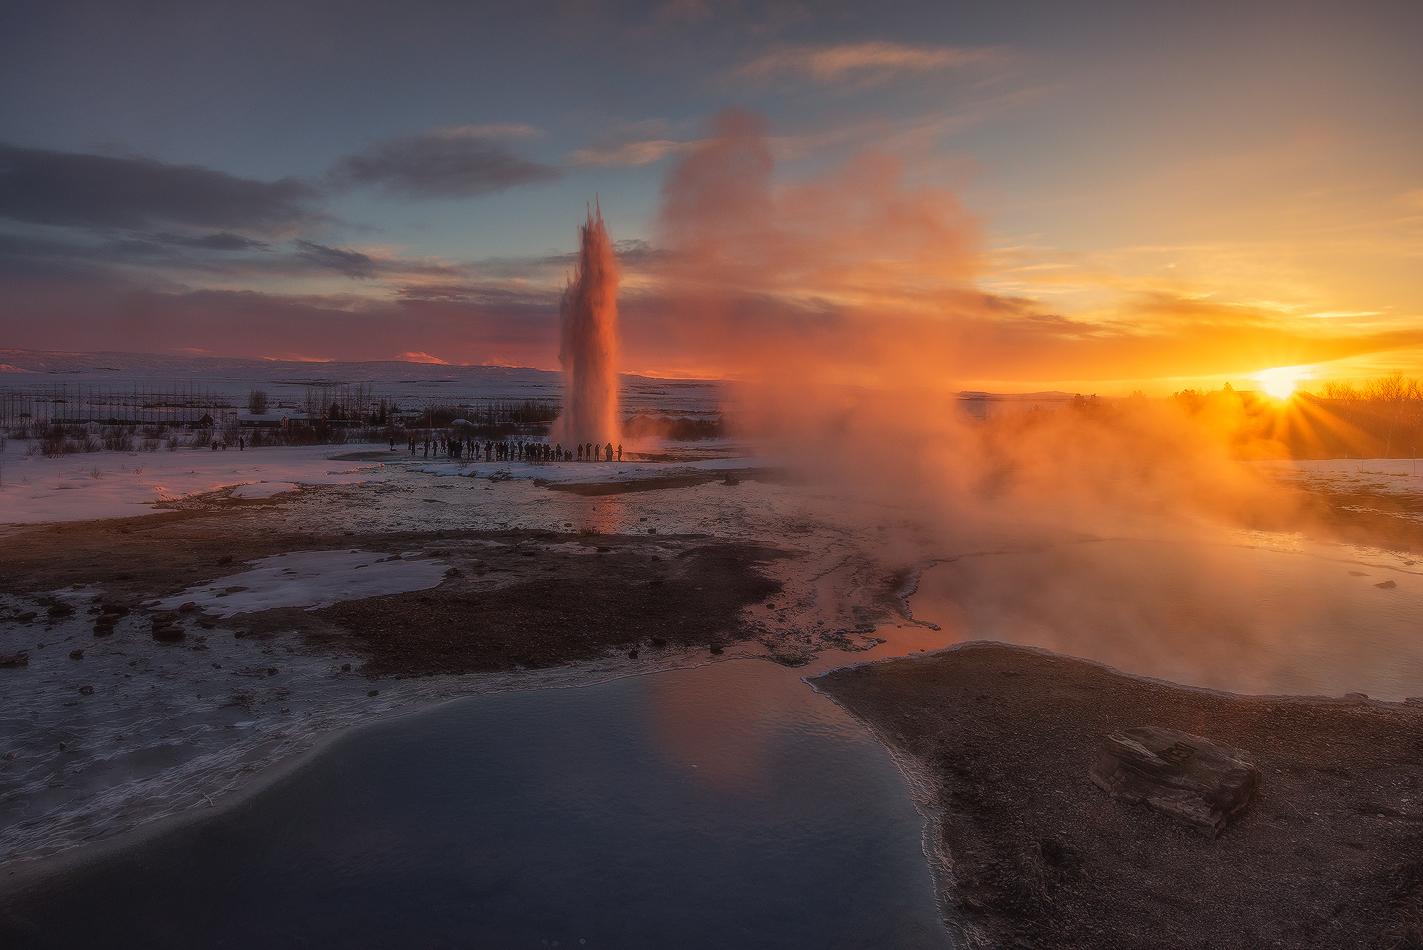 ไกเซอร์สโทรคูร์ที่ยิ่งใหญ่จะมีการปะทุเป็นประจำทุก ๆ ห้าถึงสิบนาทีซึ่งจะพ่นน้ำจำนวนมหาศาลขึ้นสู่ท้องฟ้าในช่วงฤดูหนาวของประเทศไอซ์แลนด์.